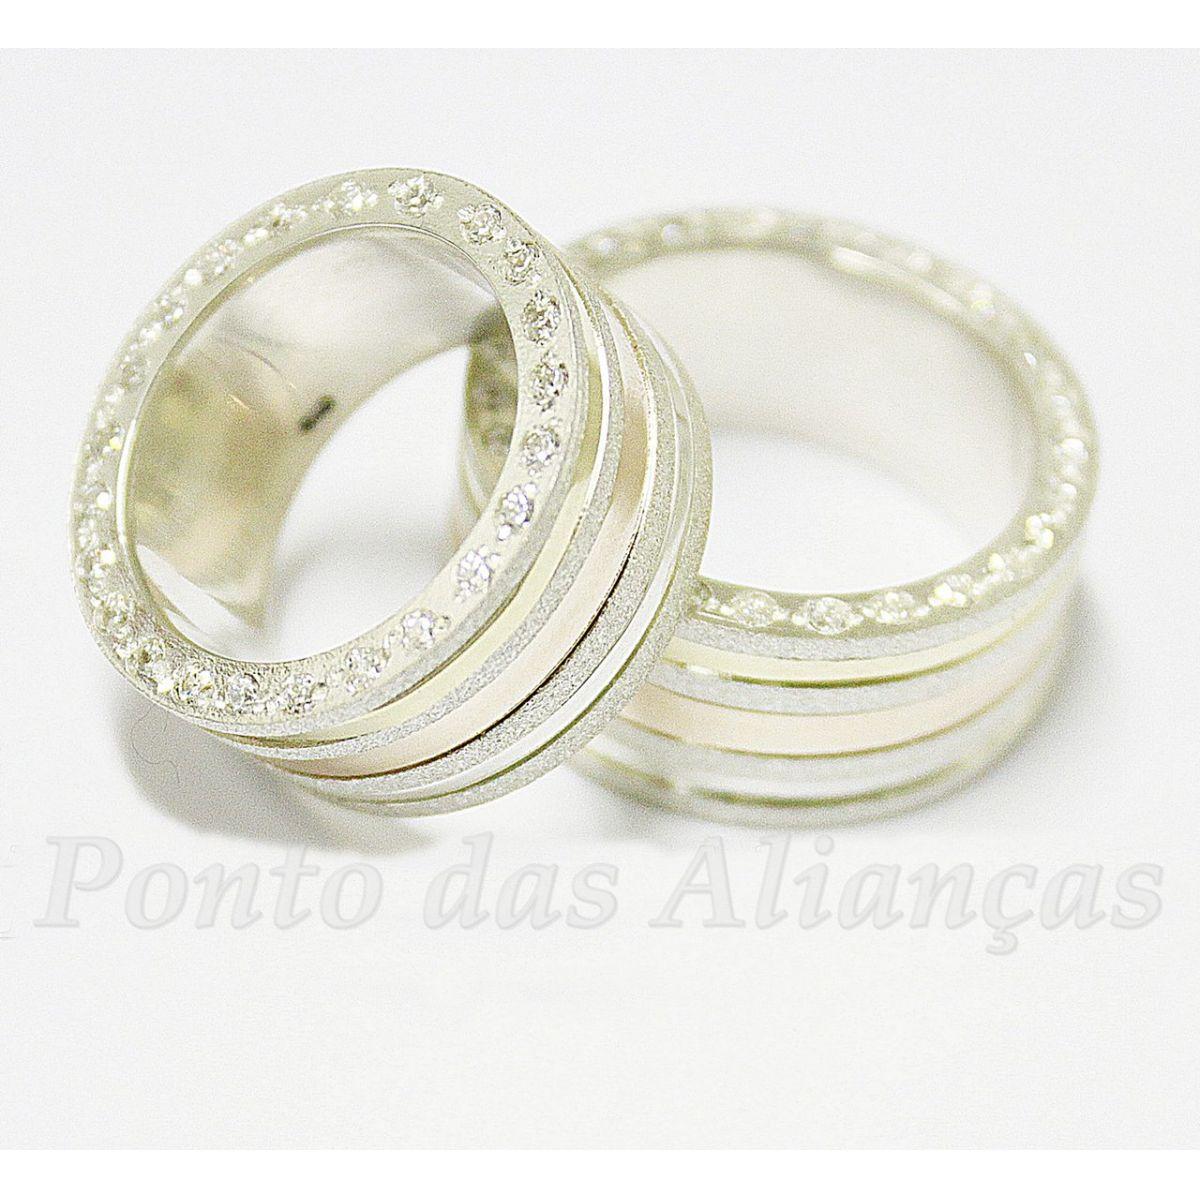 Alianças de Ouro e Prata Casamento ou Noivado - 1007P